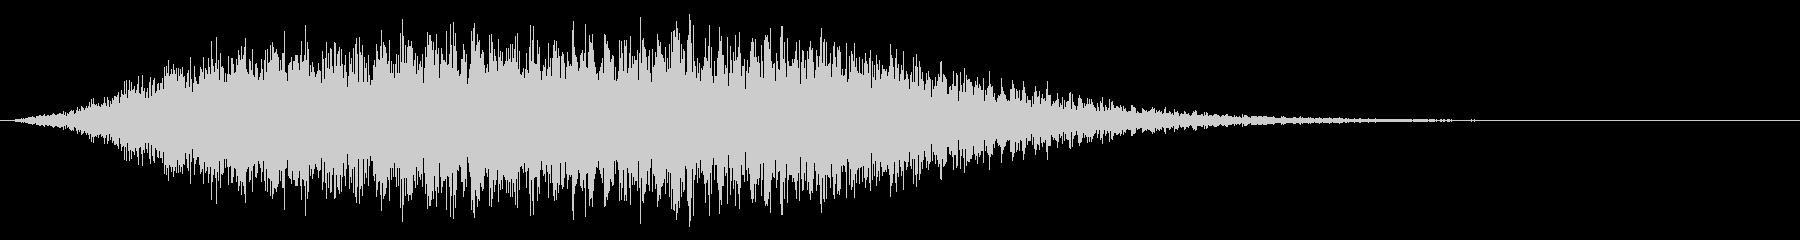 シューッという音EC07_86_5の未再生の波形